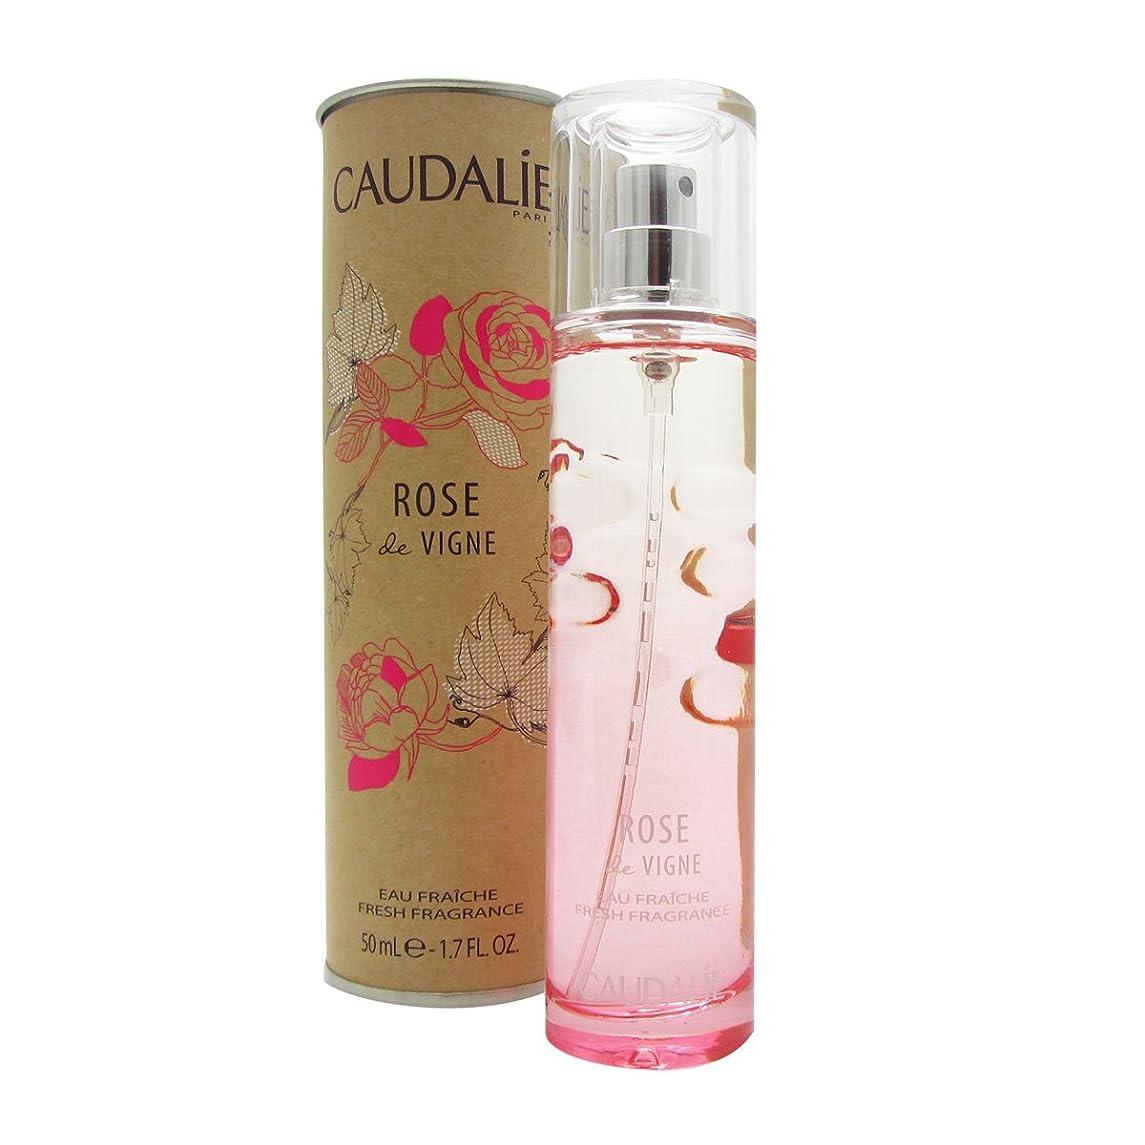 完全に乾く北極圏審判Caudalie Rose De Vigne Fresh Fragrance 50ml [並行輸入品]